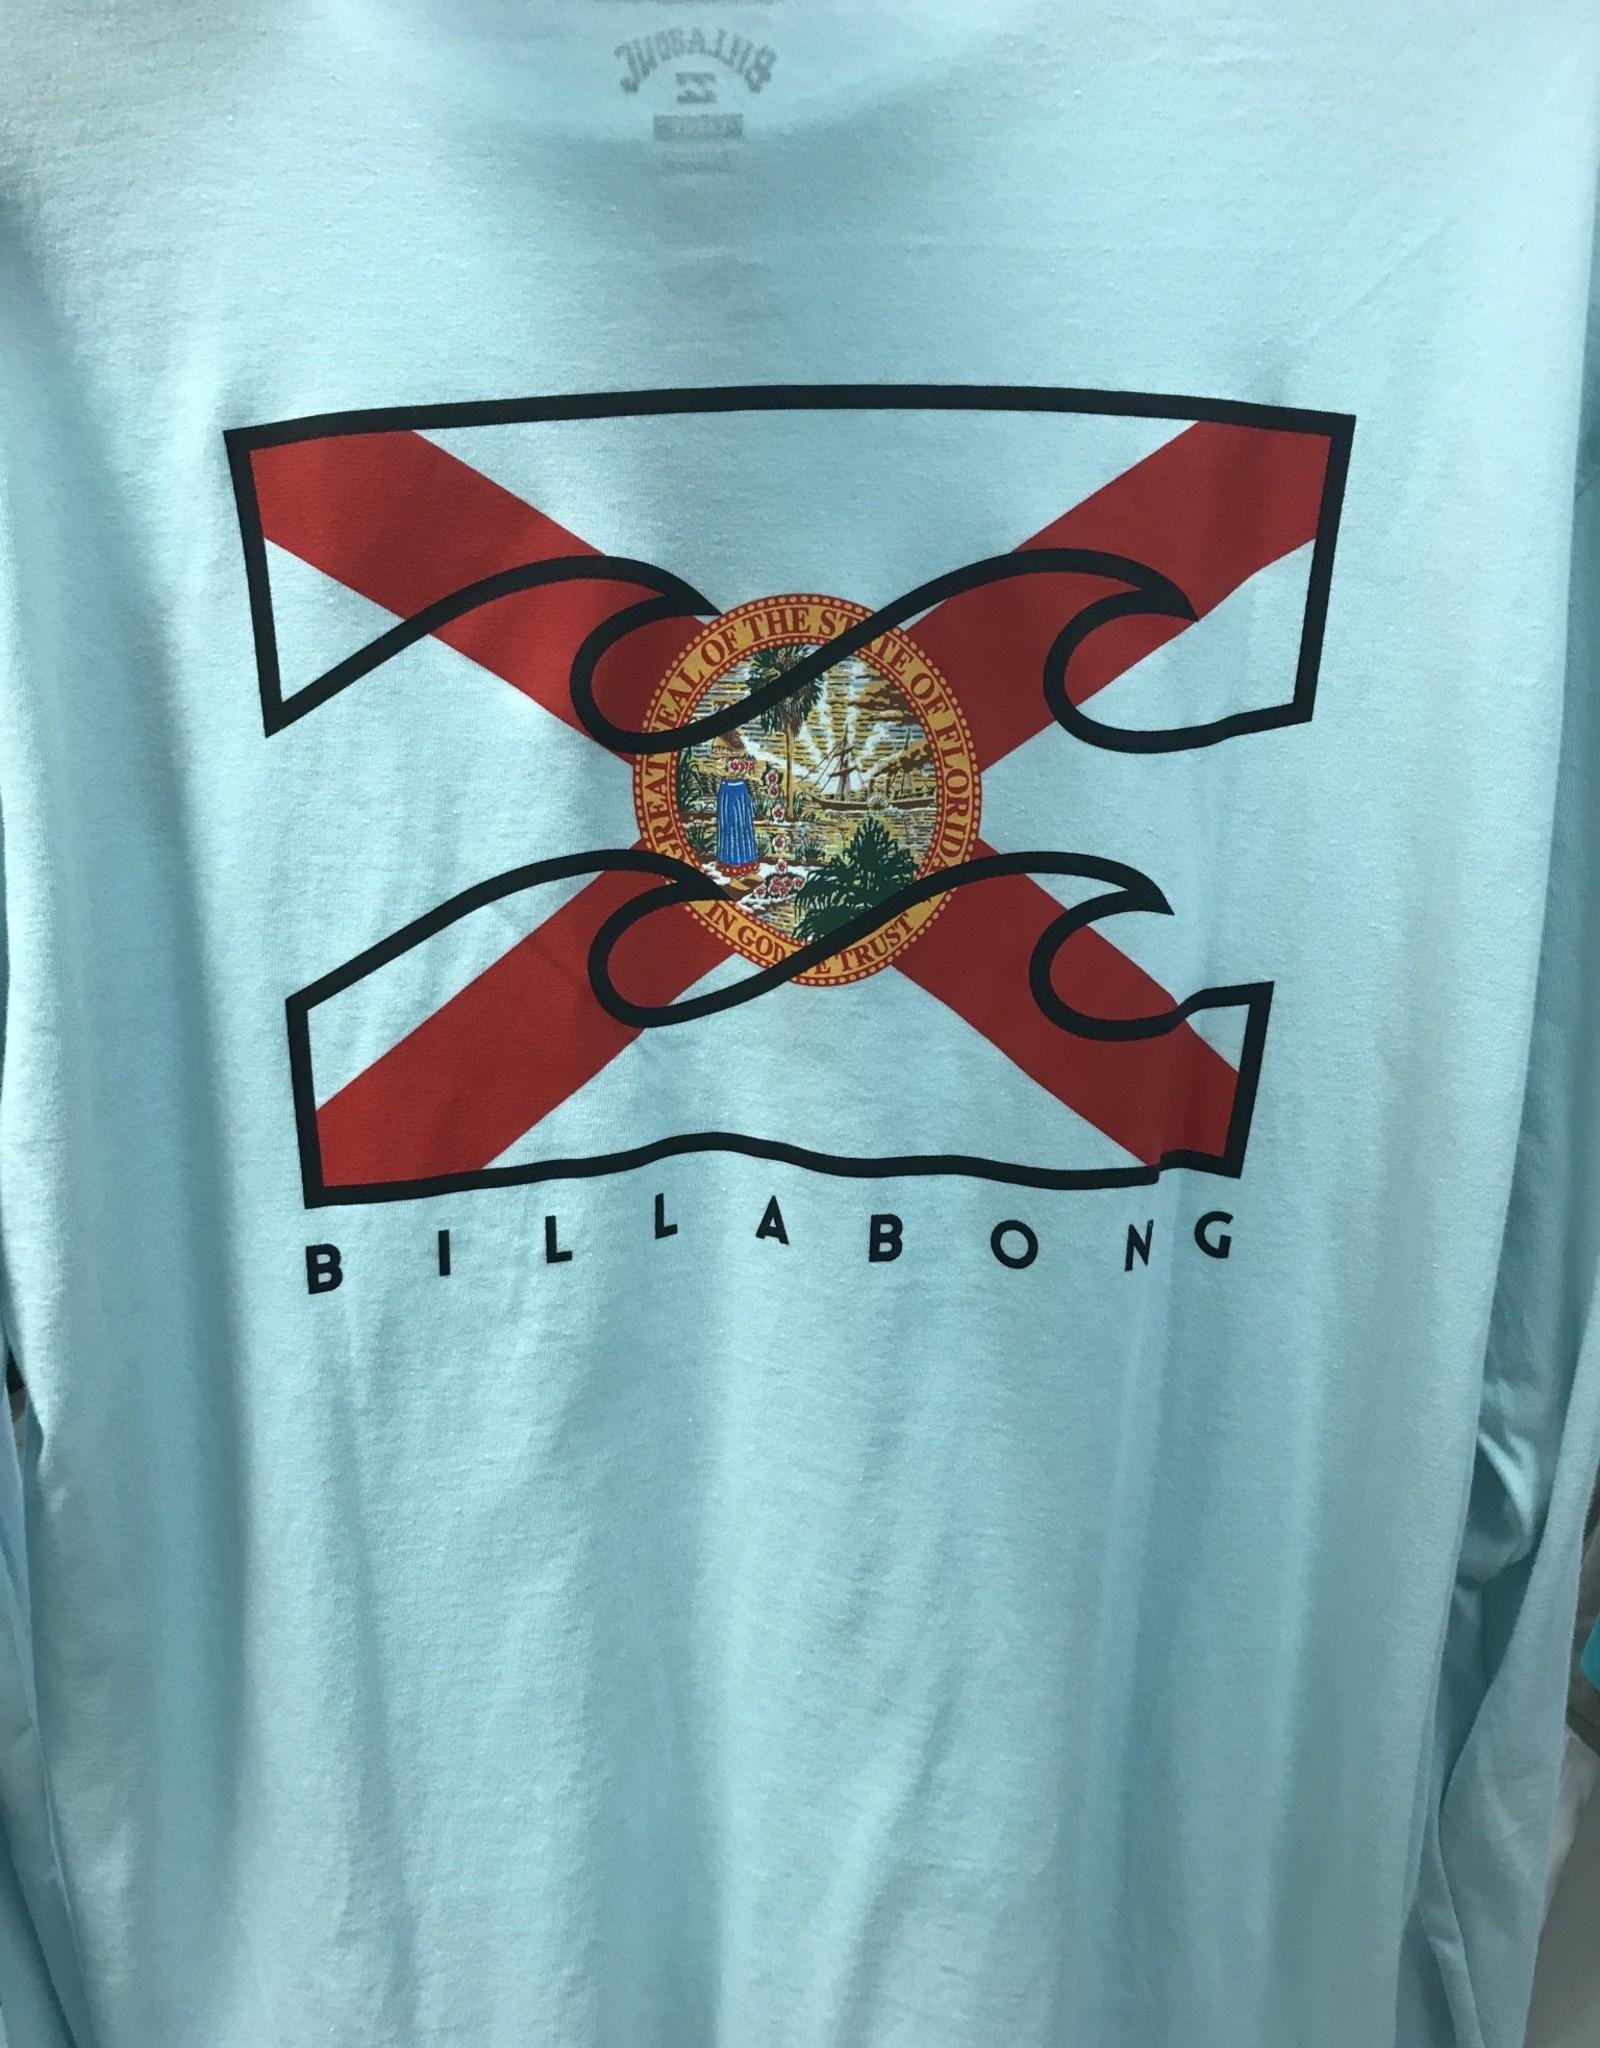 billabong billabong native fl m4051bnf